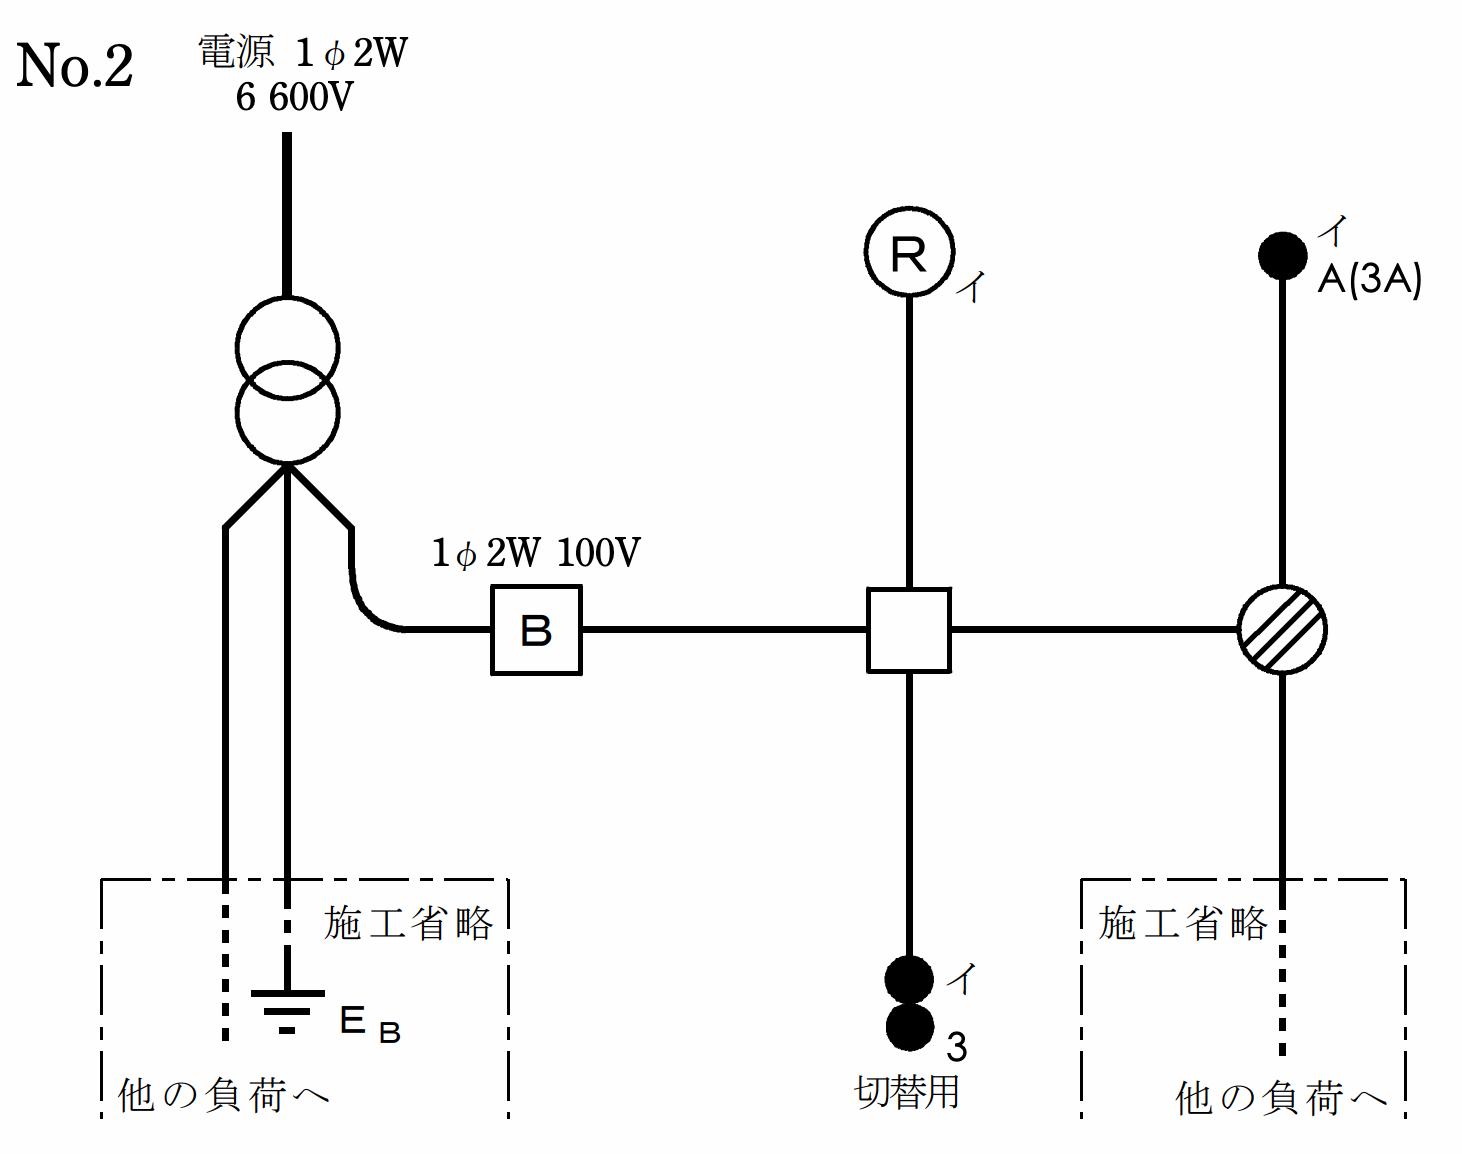 第一種電気工事士の技能試験の候補問題No.2